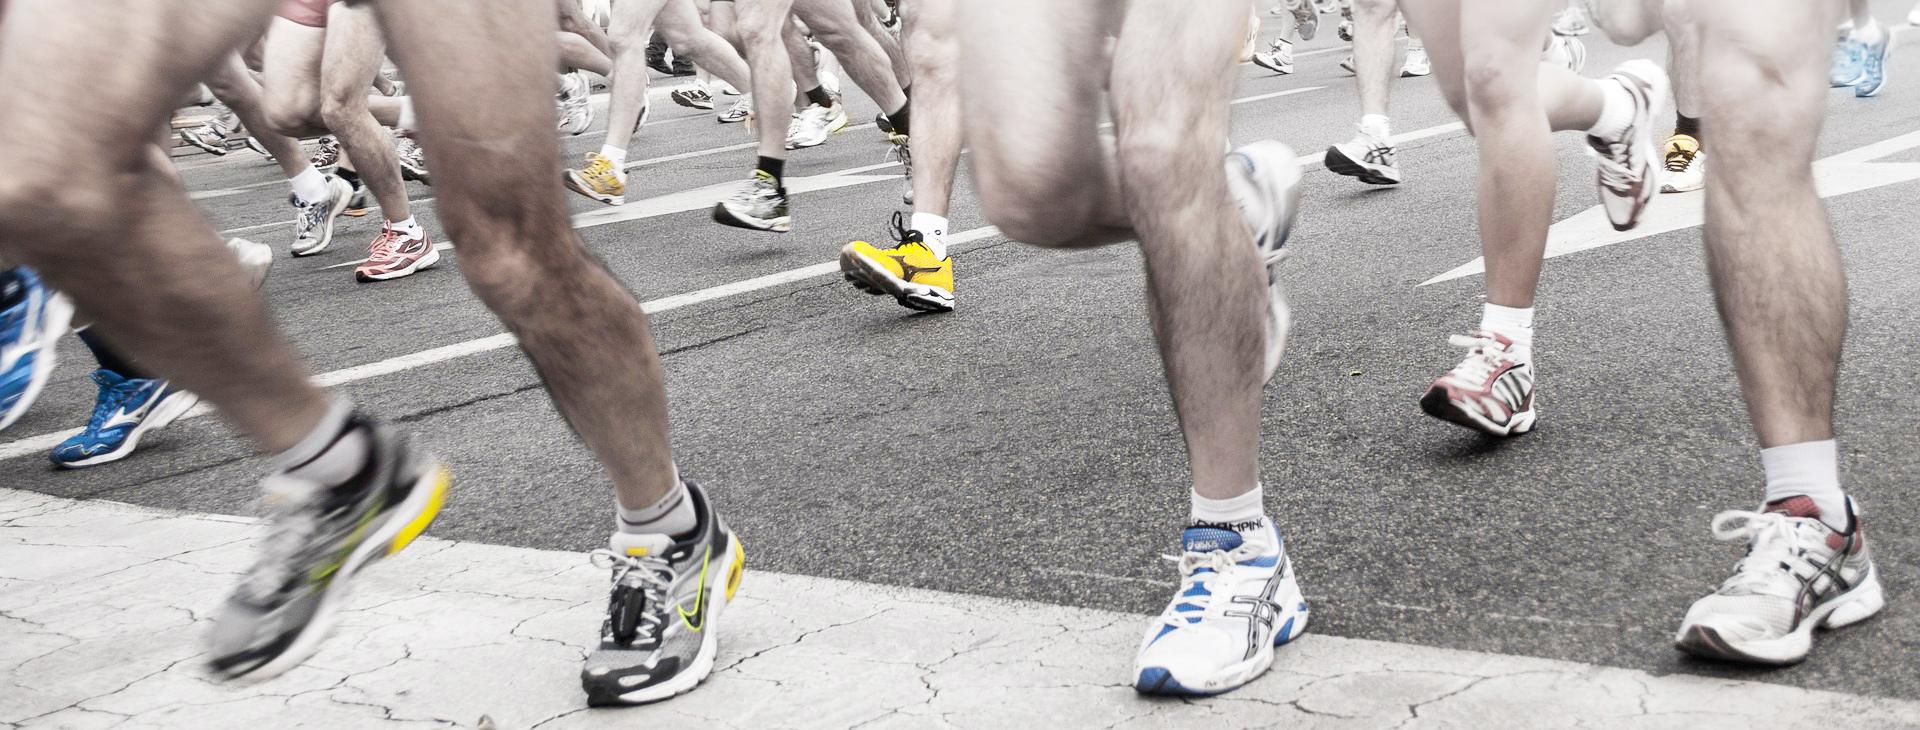 shoes-run-traguardo-corsa